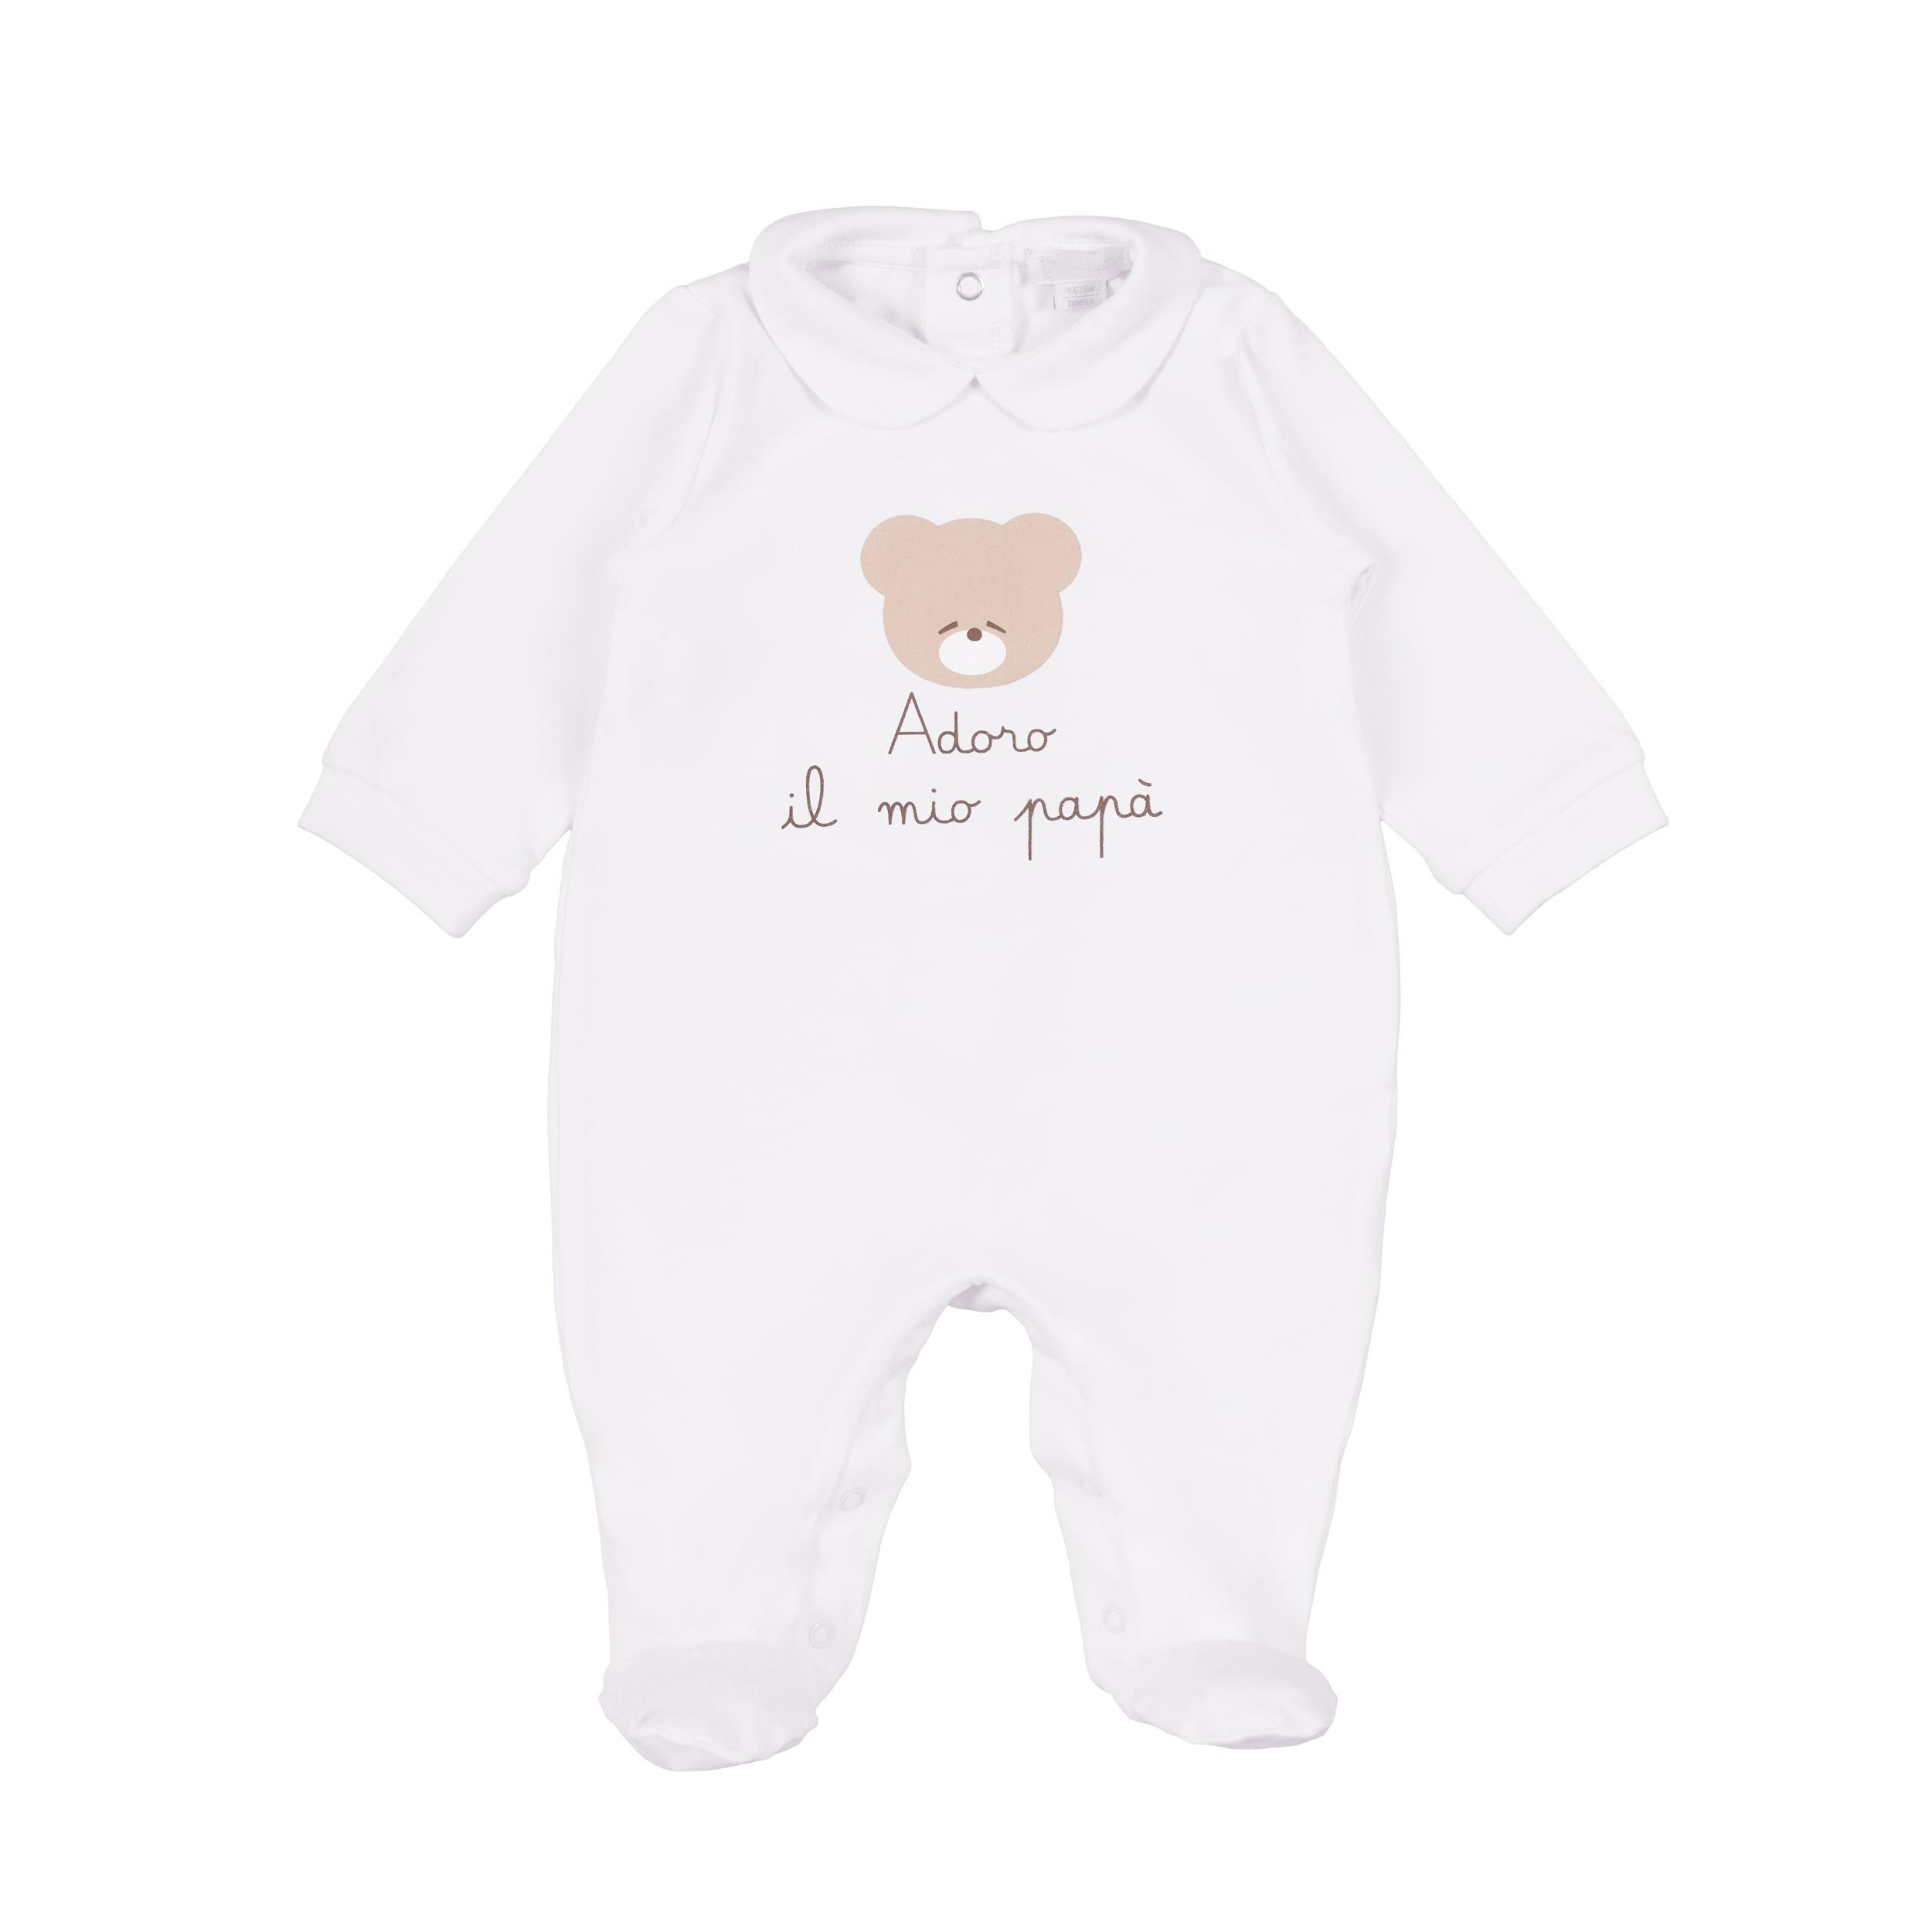 Pyjama - Adoro il mio papà